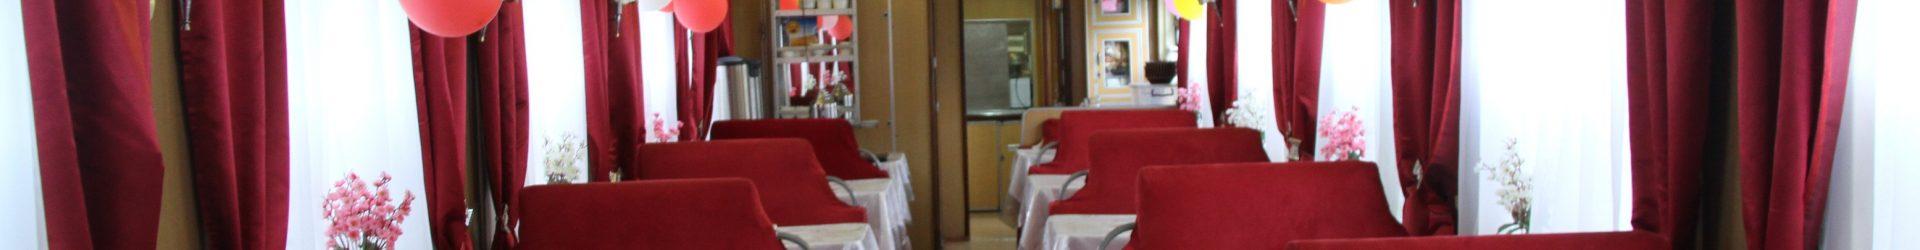 Бизнес идея: Ресторан на колесах